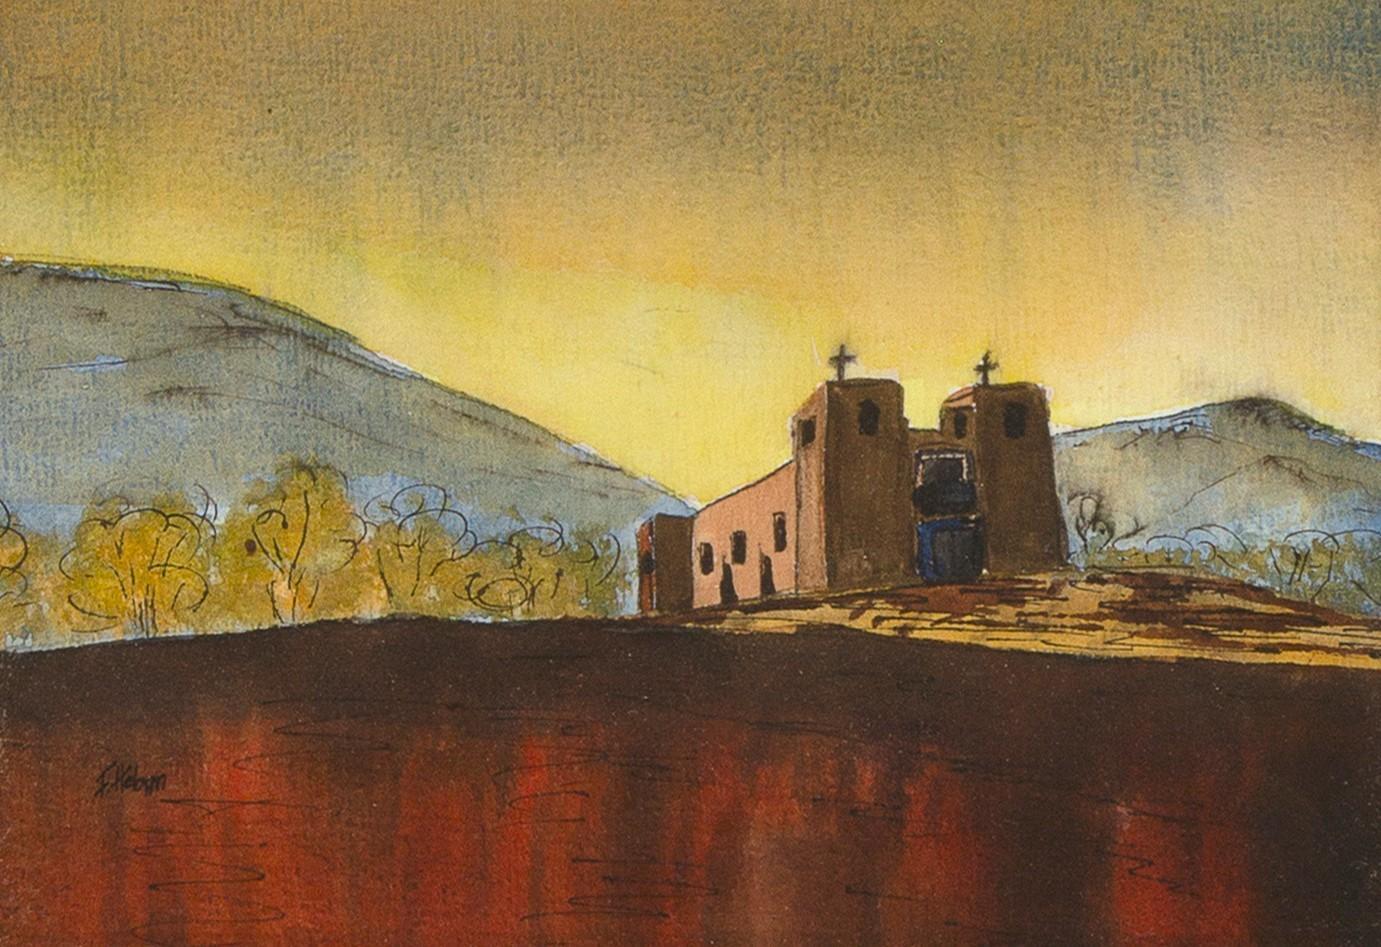 I. Hoban, Two Works